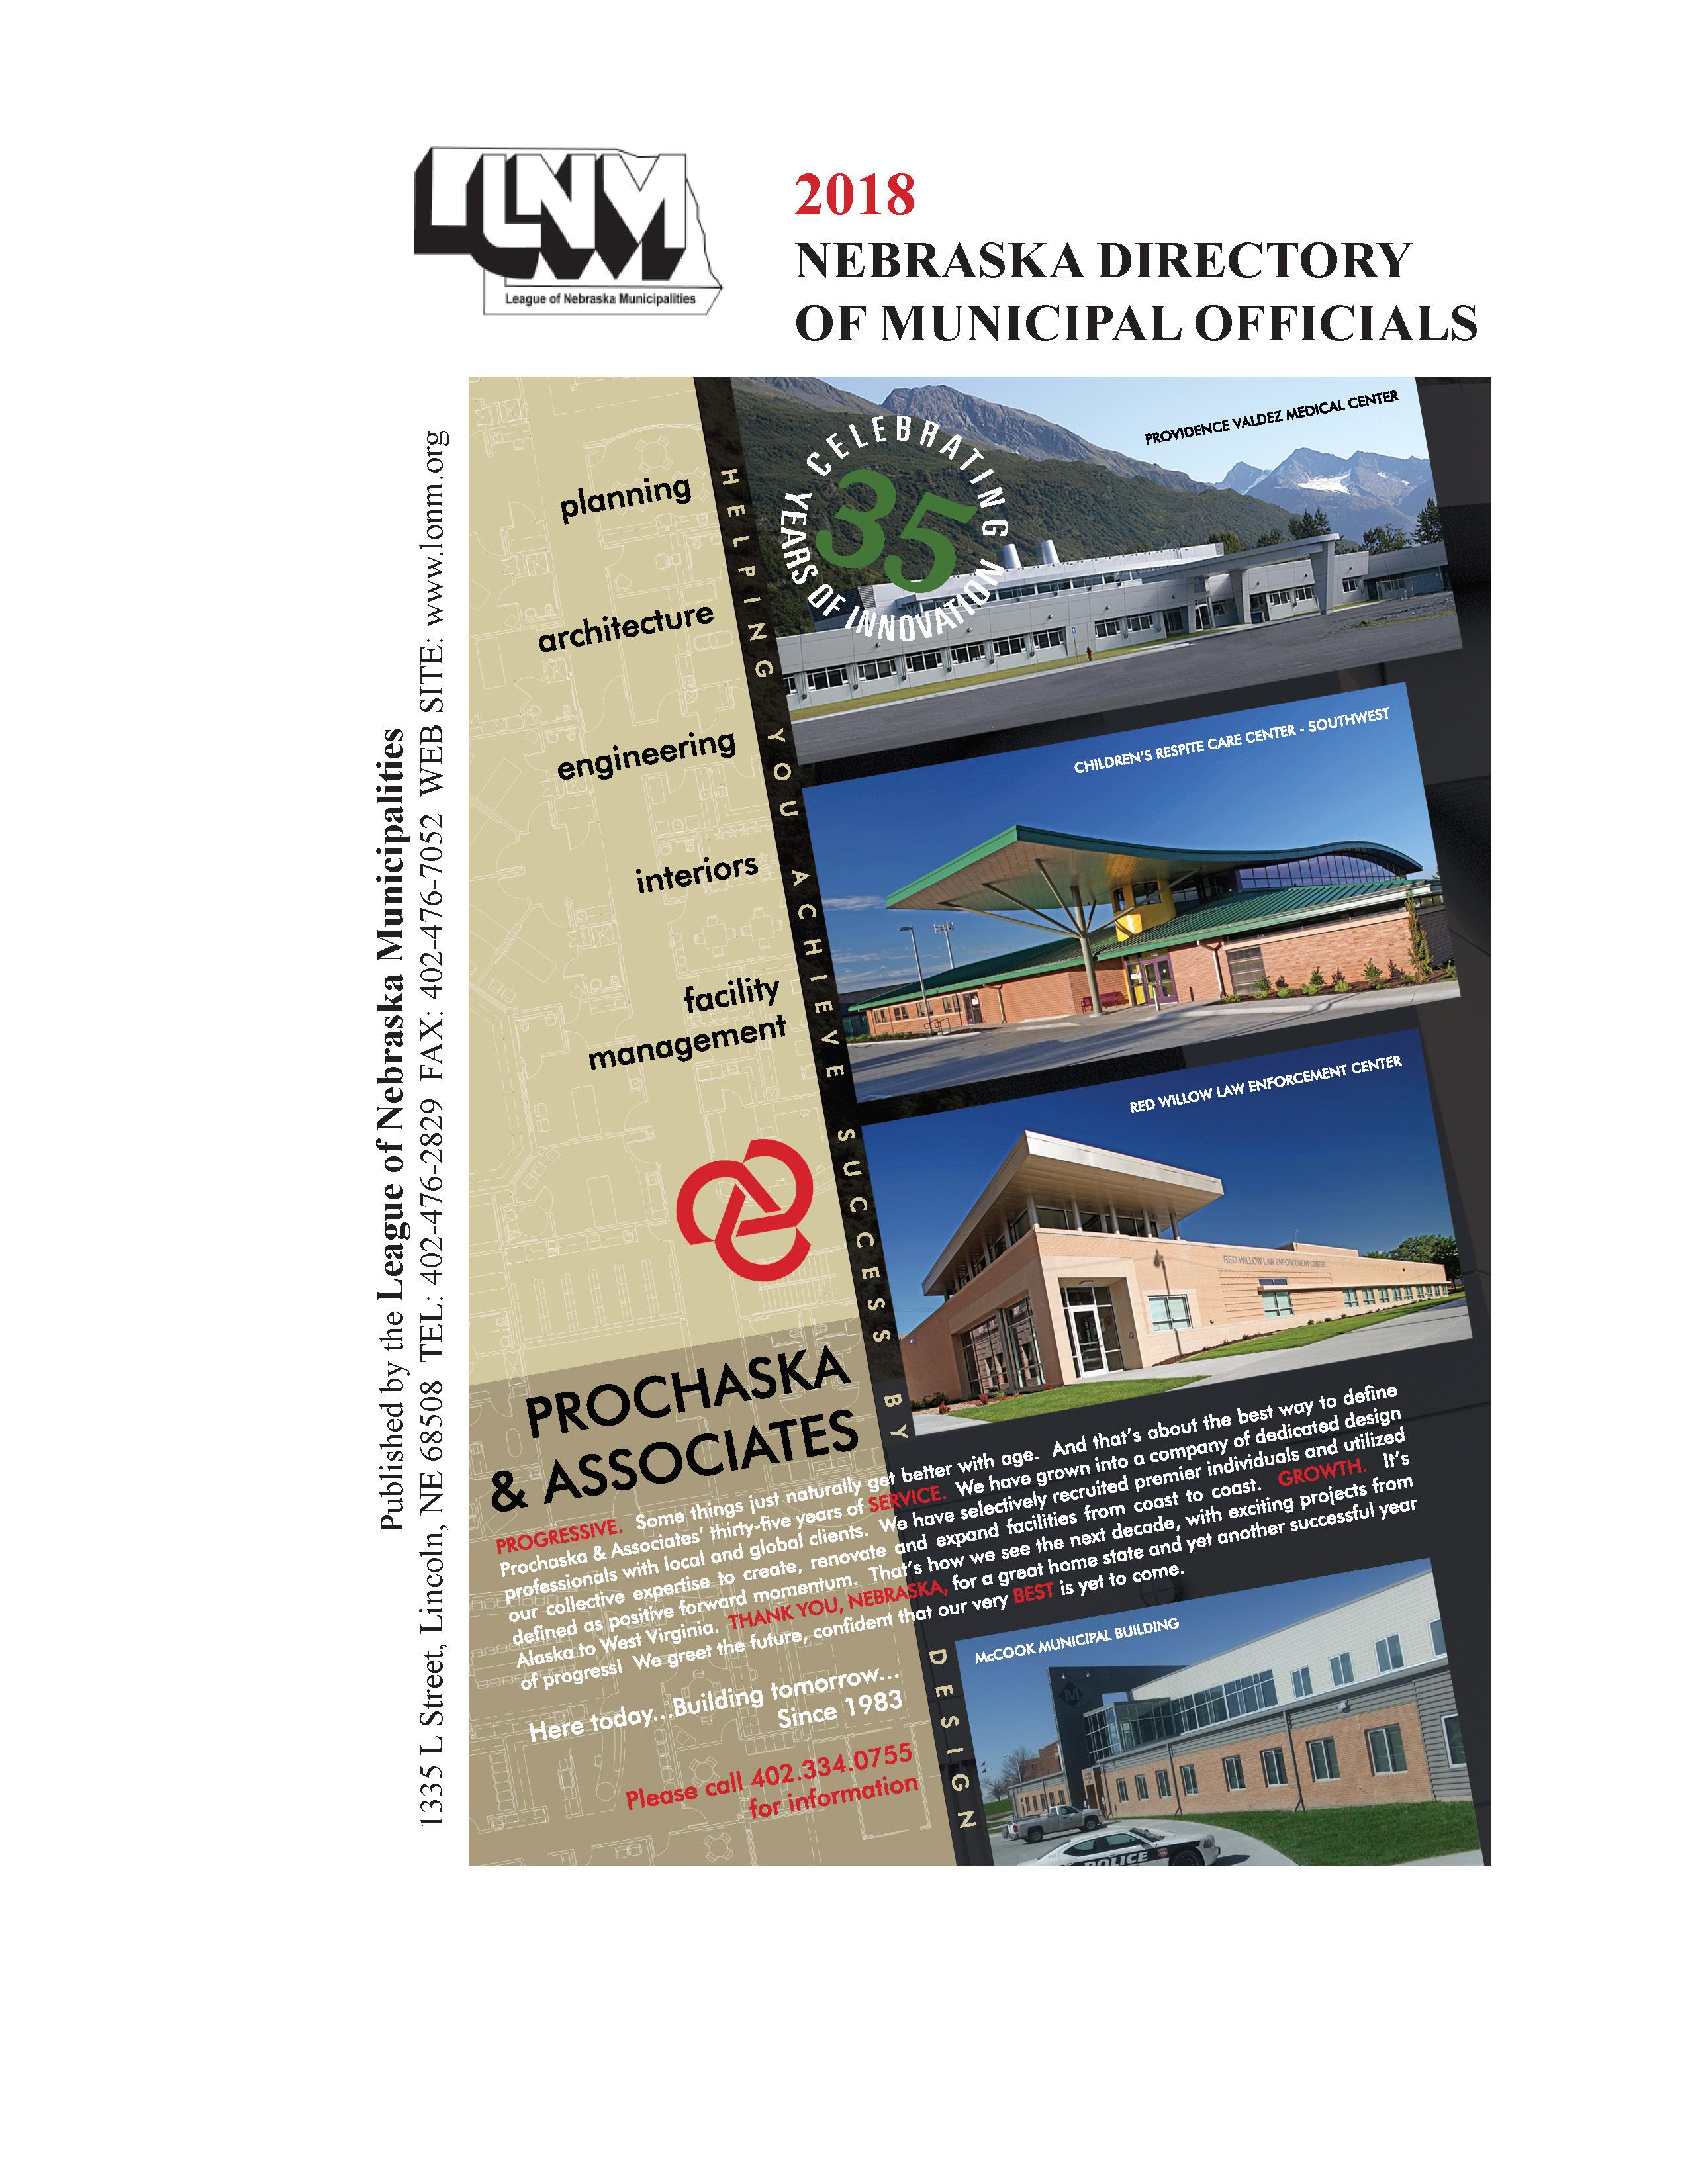 Nebraska Directory of Municipal Officials